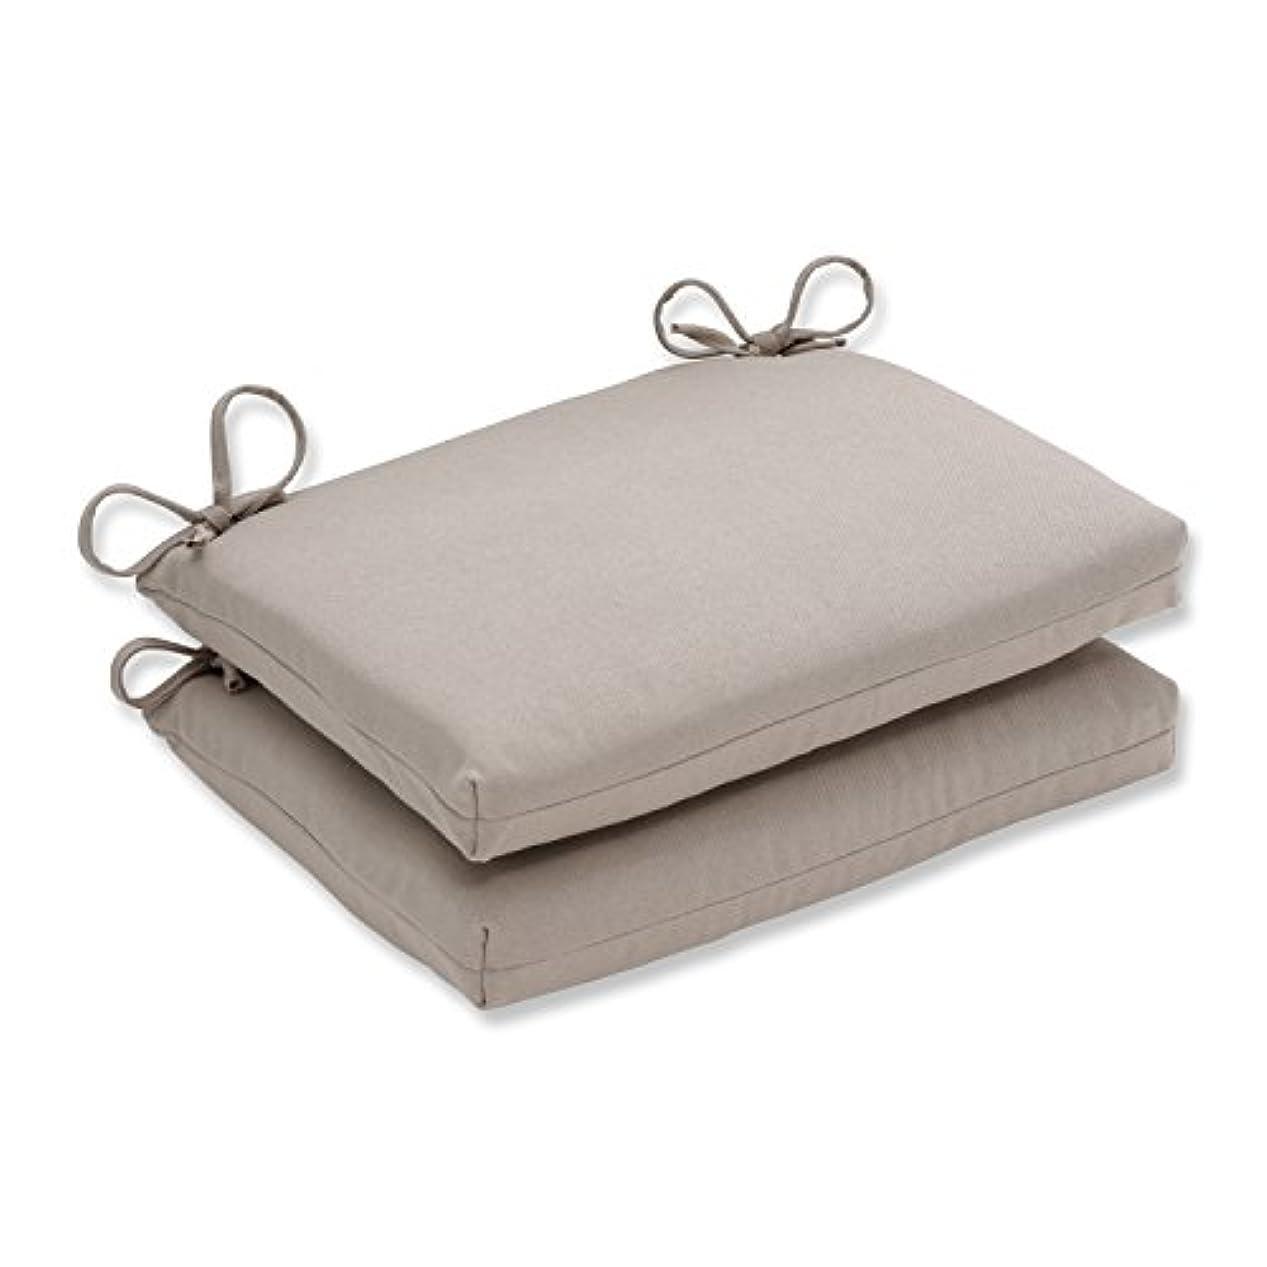 ピッチャープロテスタントジョージハンブリー(Beige) - Pillow Perfect Indoor/Outdoor Beige Solid Seat Cushion, Squared, 2-Pack